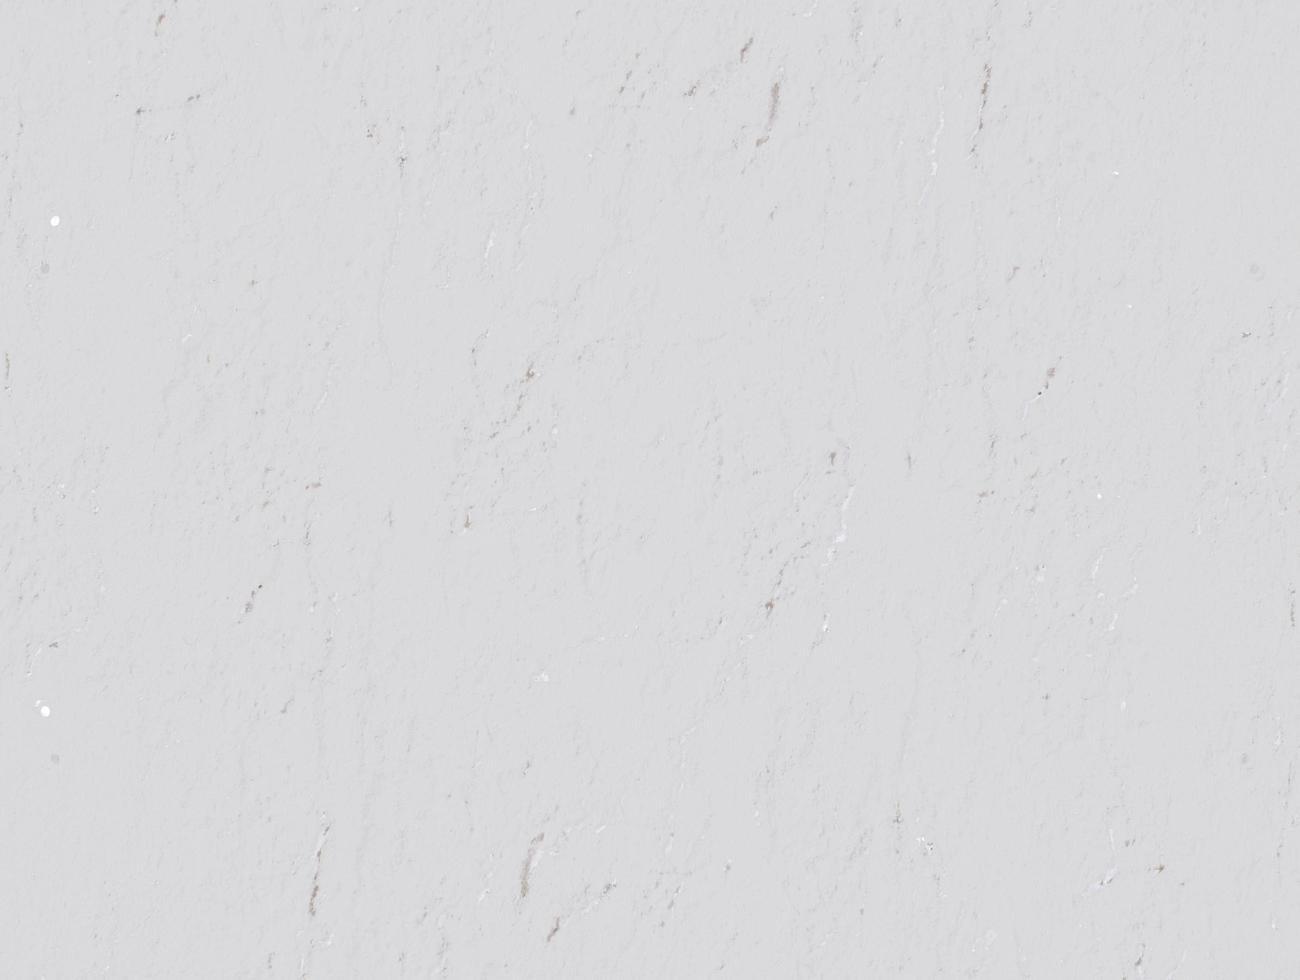 betong ren vägg konsistens foto